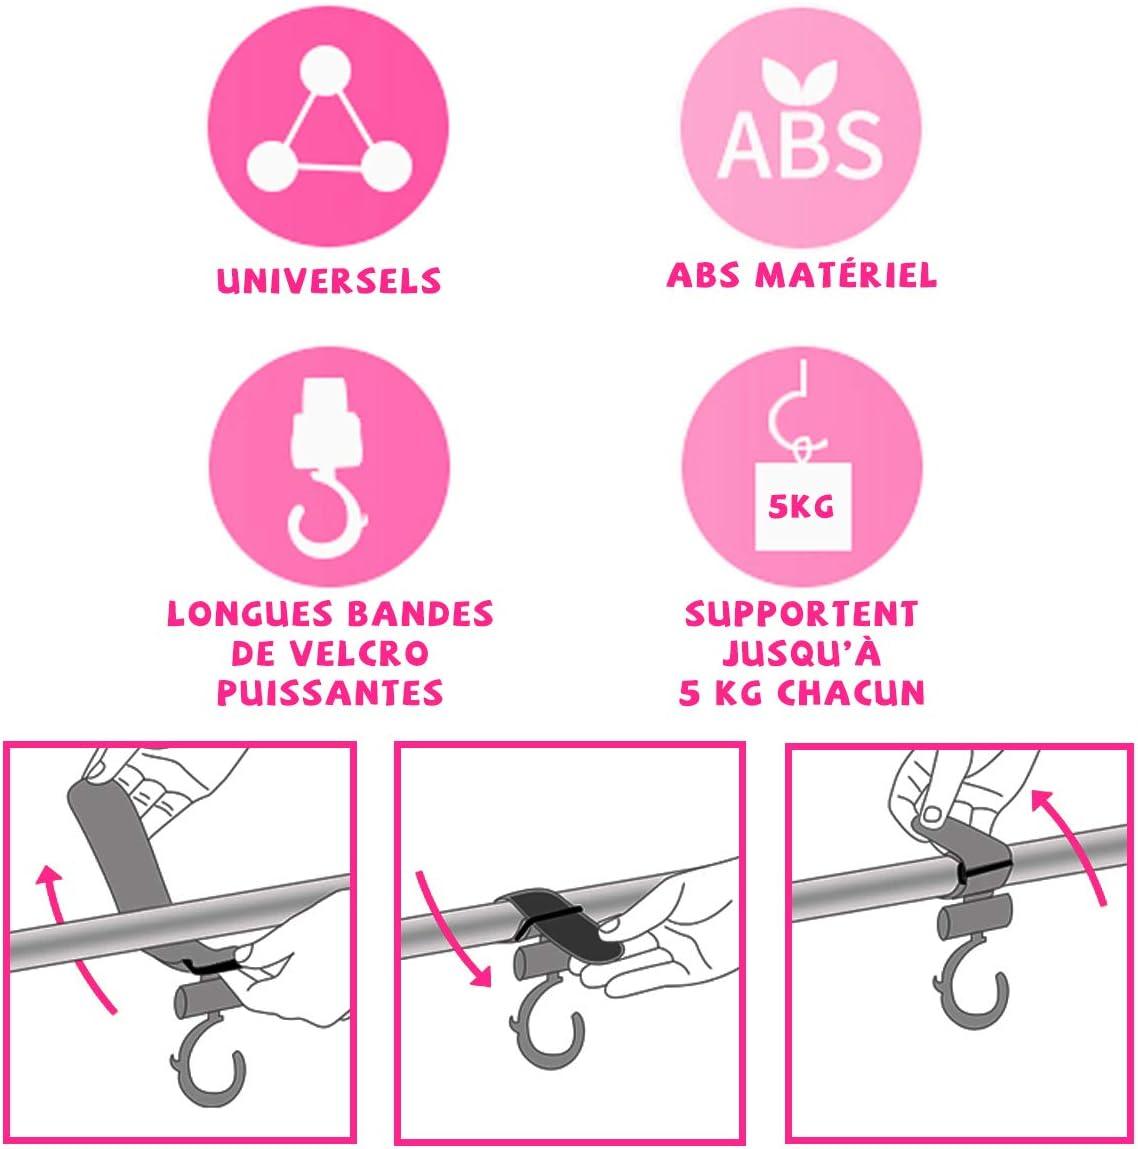 Universels O/³ 4 Crochets Poussettes S/'adaptent /à la poussette yoyo et /à tous types de poussettes Pratiques pour accrocher les sacs /à main et les sacs /à langer Noirs avec finitions roses